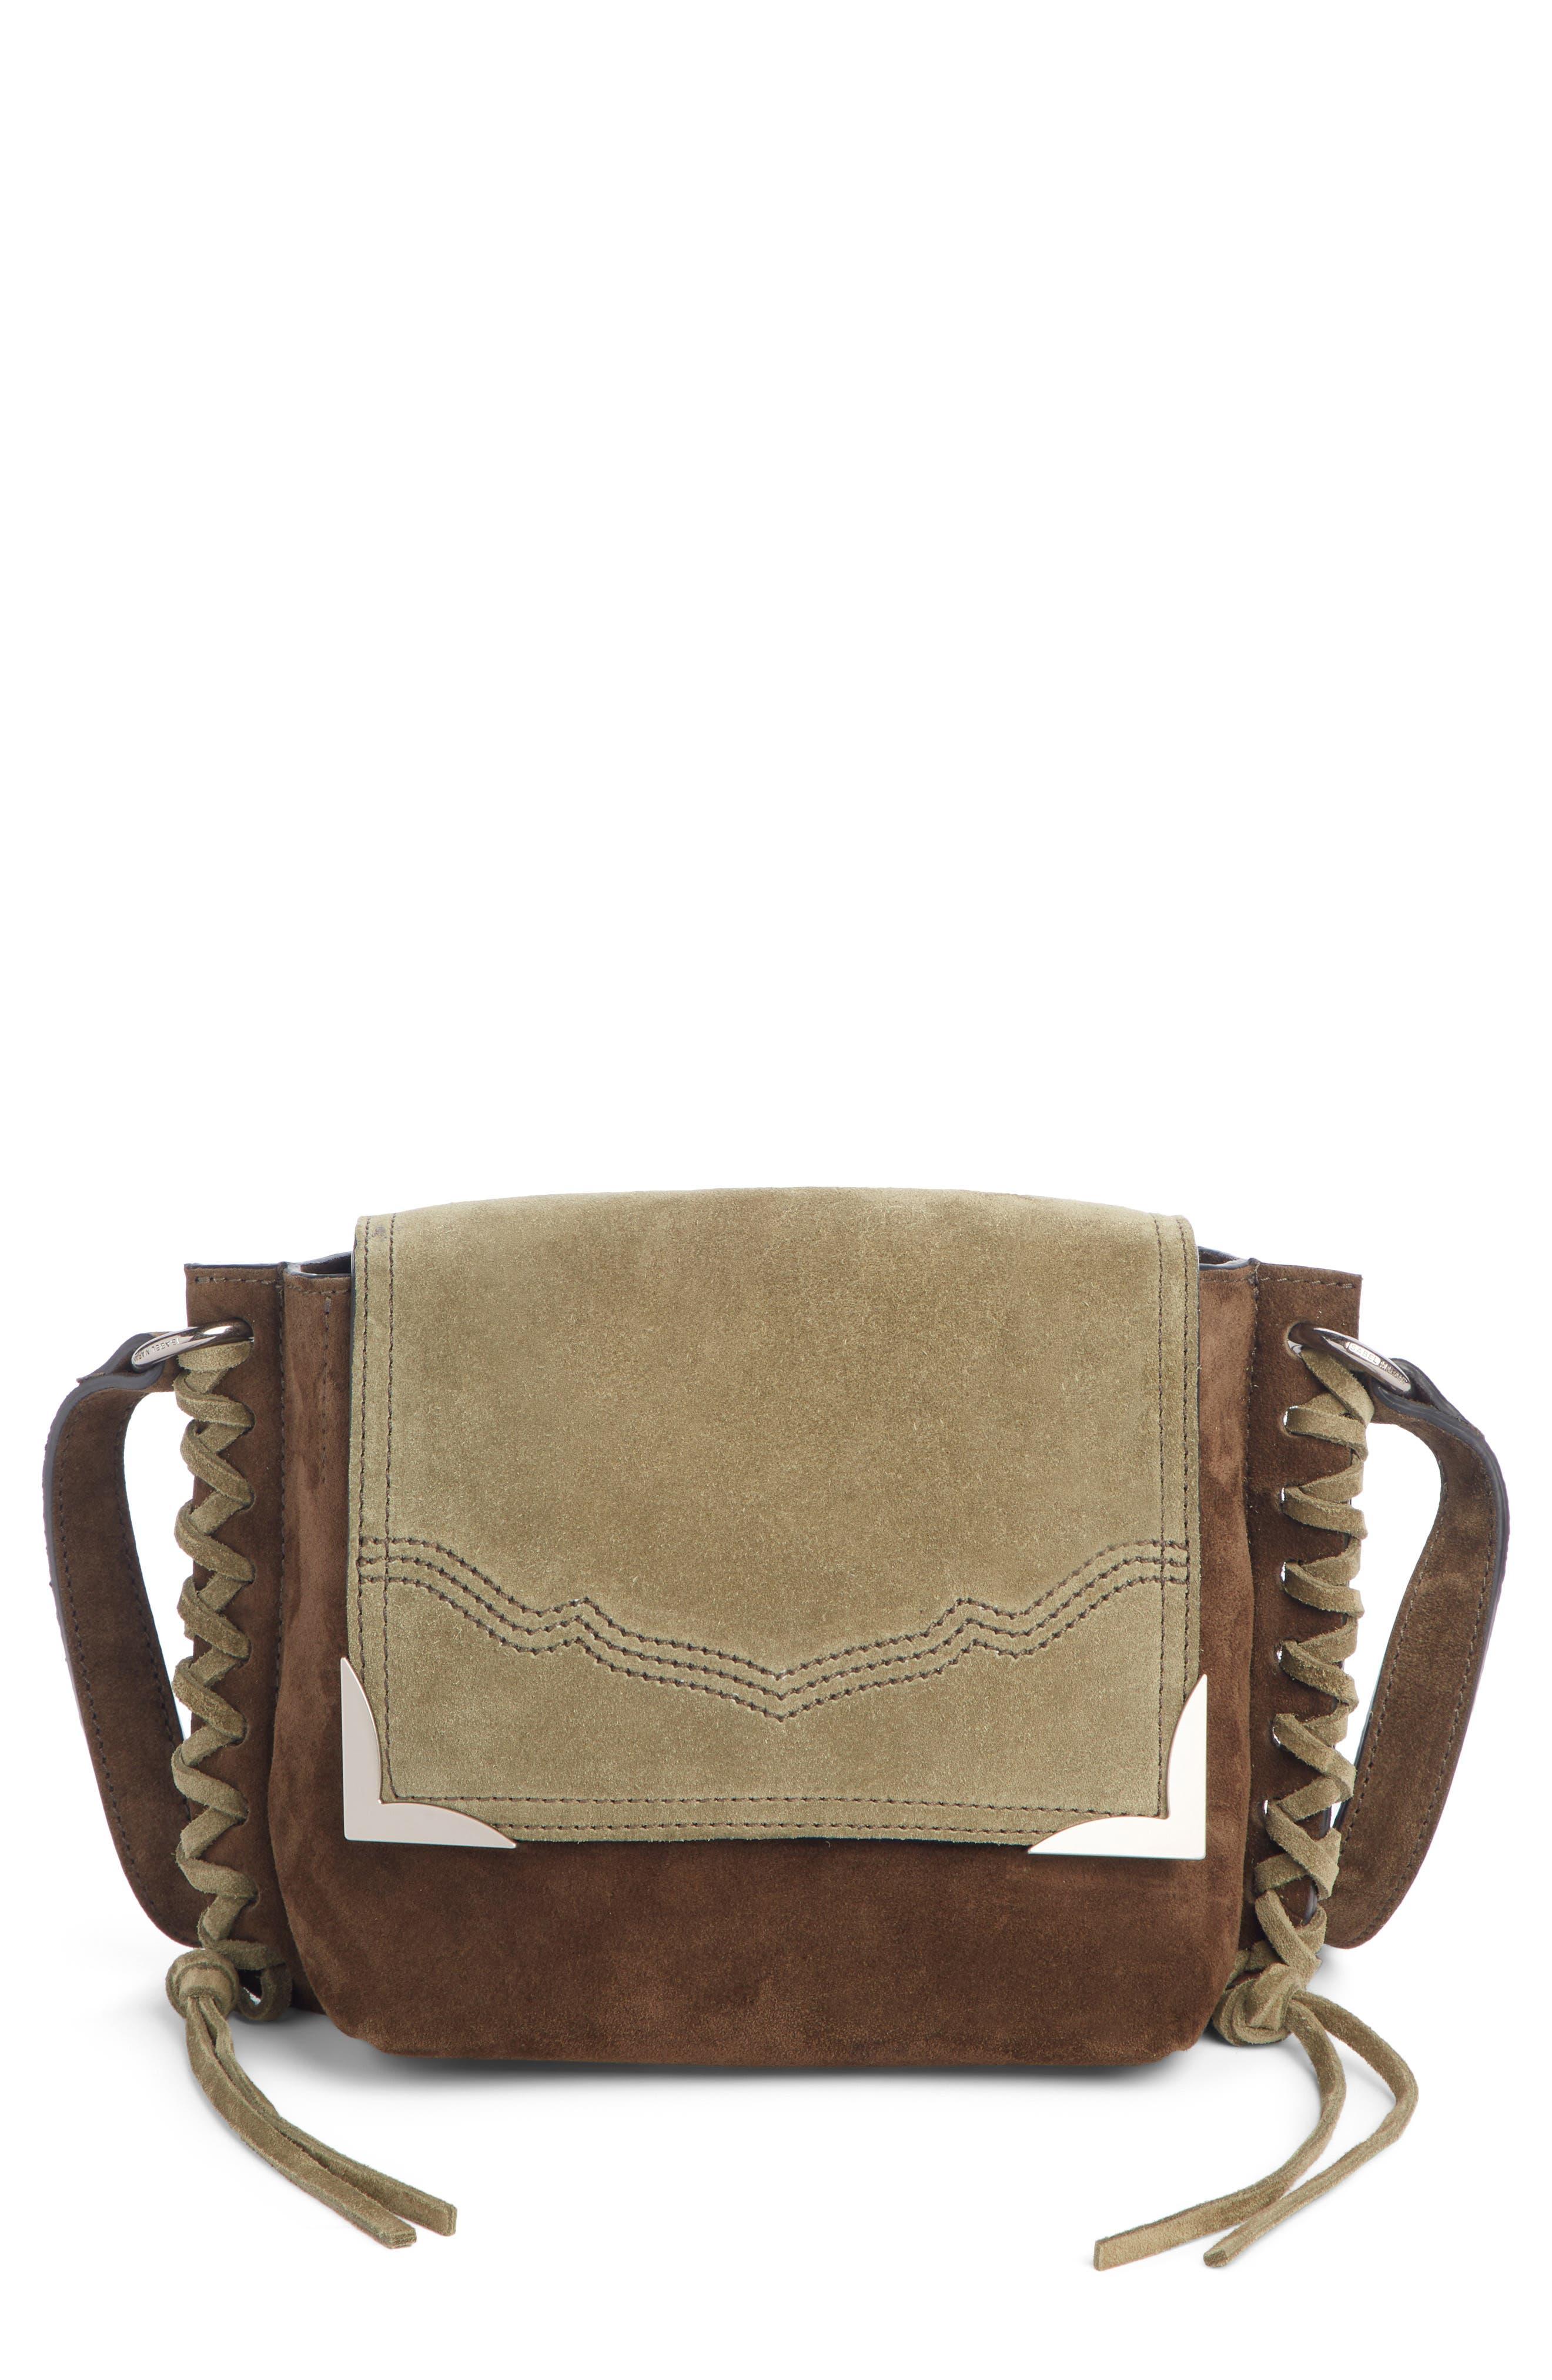 ISABEL MARANT Kleny Colorblock Suede Shoulder Bag, Main, color, KHAKI